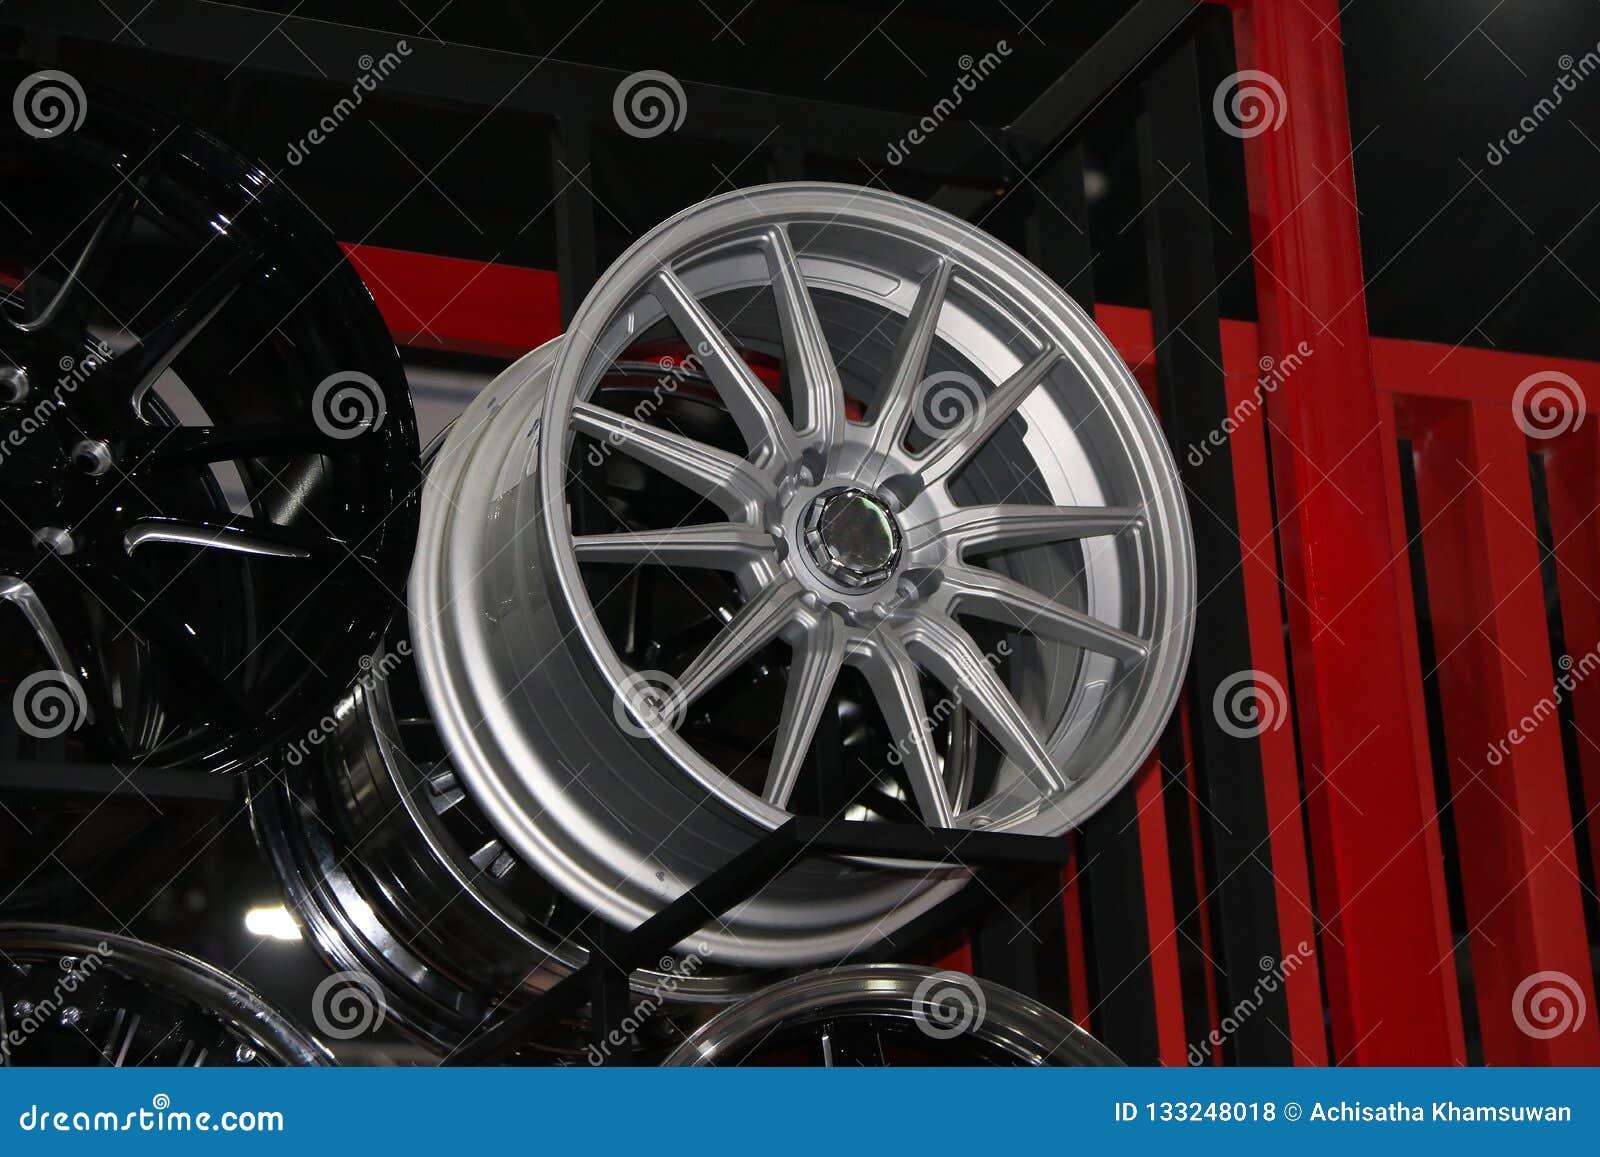 Колесо сплава автомобиля на полке Колеса сплава колеса которые сделаны от сплава алюминия или магния